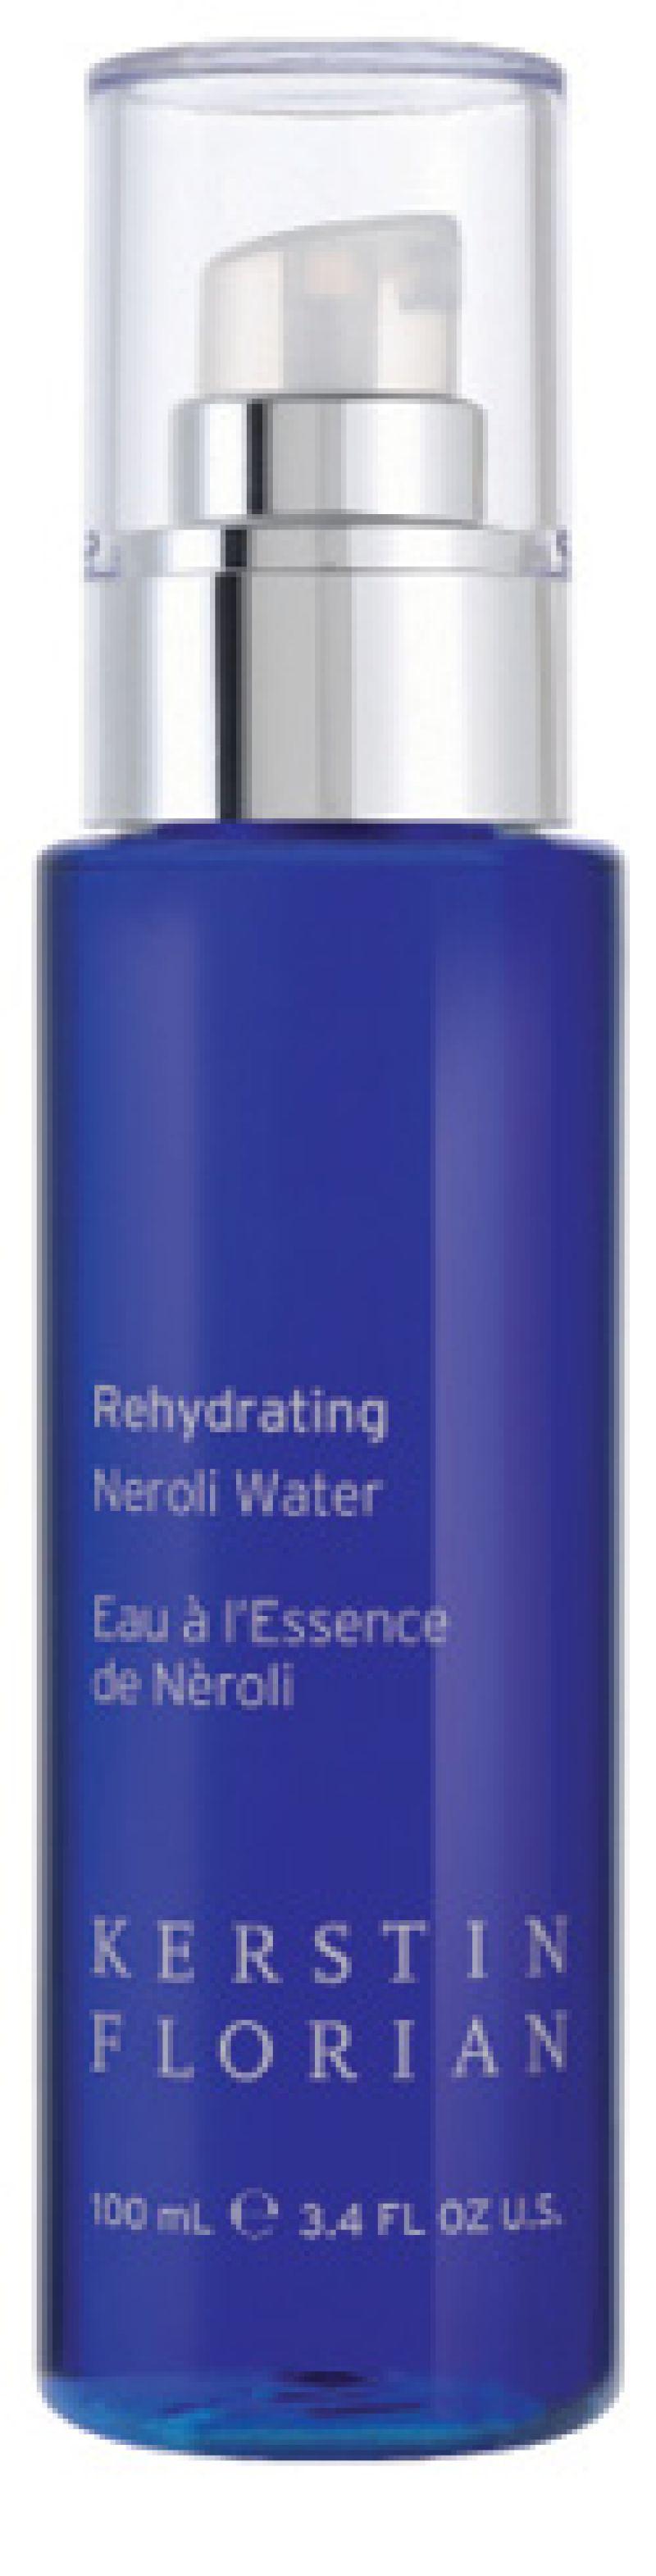 Rehydrating Neroli Water